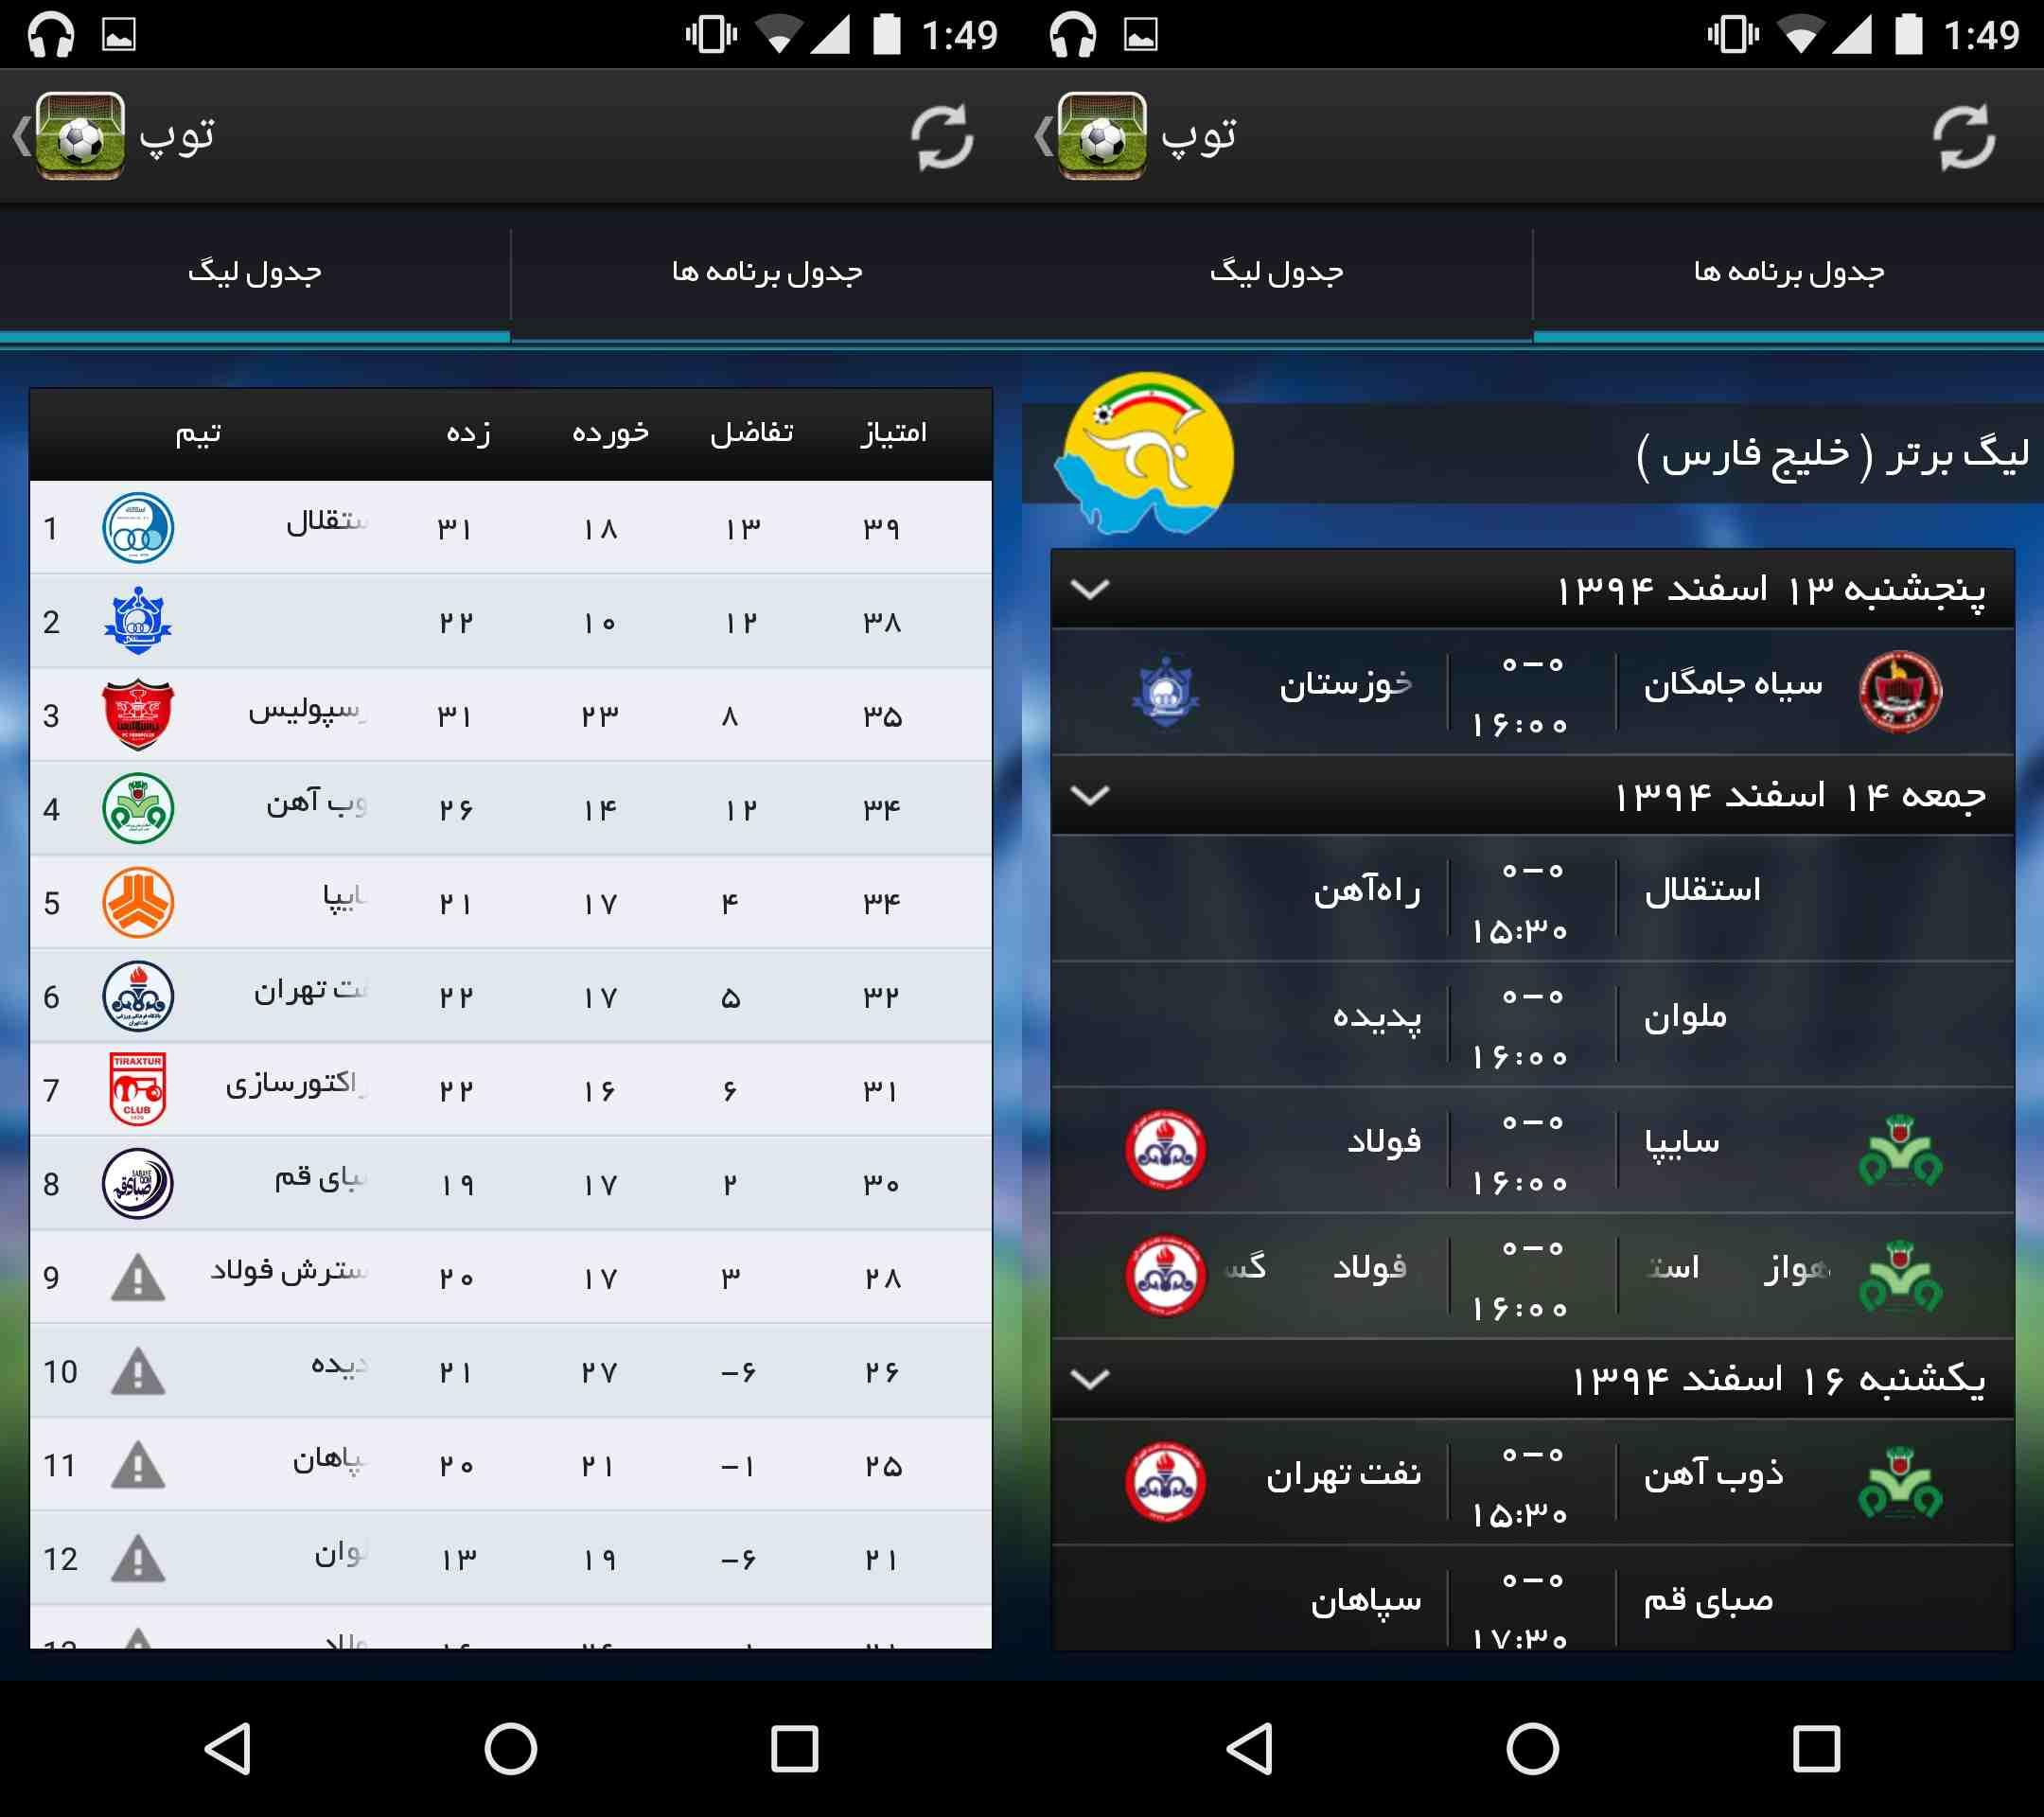 م بالا زده اپلیکیشن توپ ؛ فوتبال دوستان بشتابید - دنیای تکنولوژی